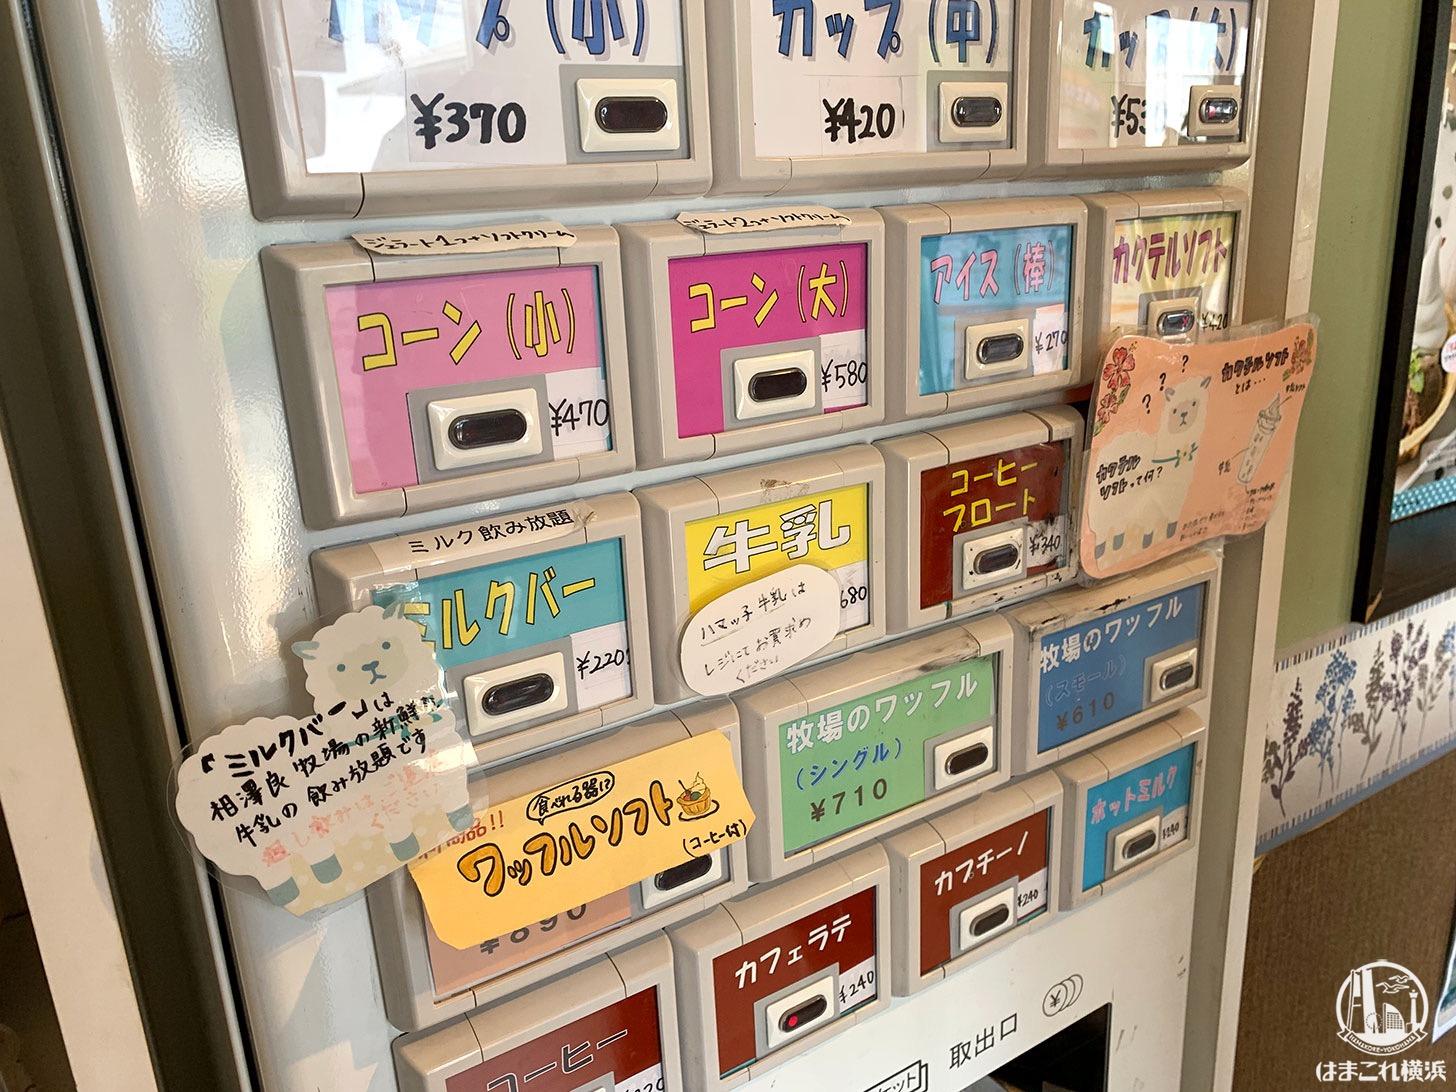 オーガスタミルクファーム(相澤良牧場)券売機